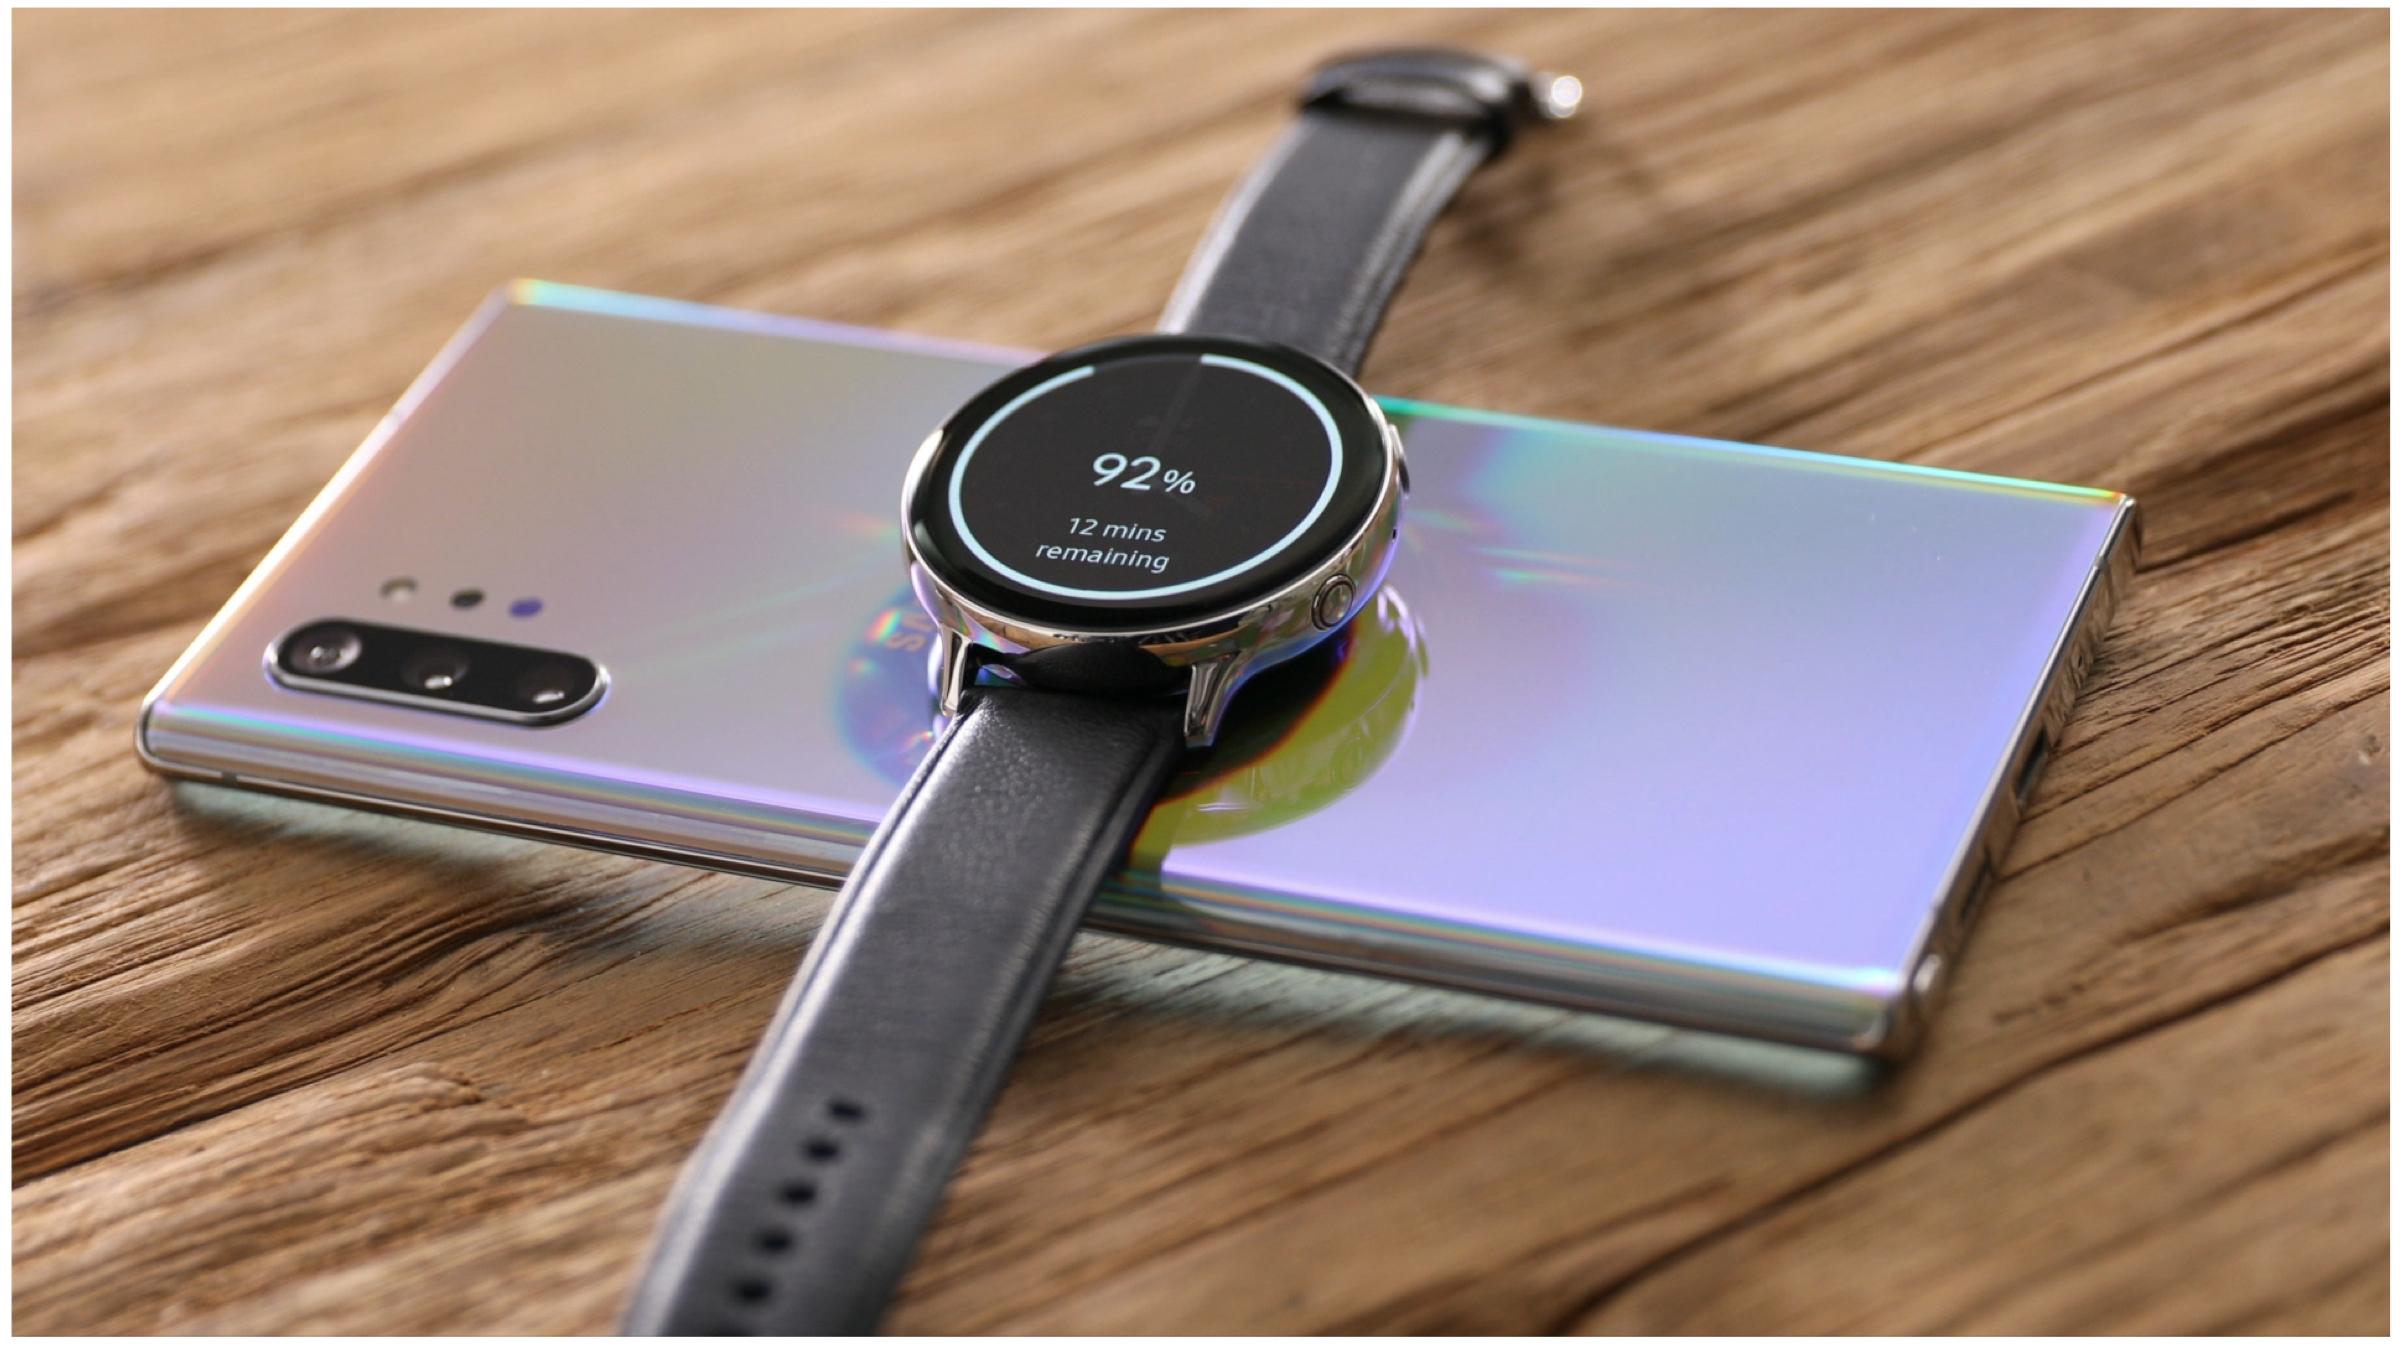 OnePlus 7 Pro Vs Galaxy Note 10+, welches solltest du wählen? 8